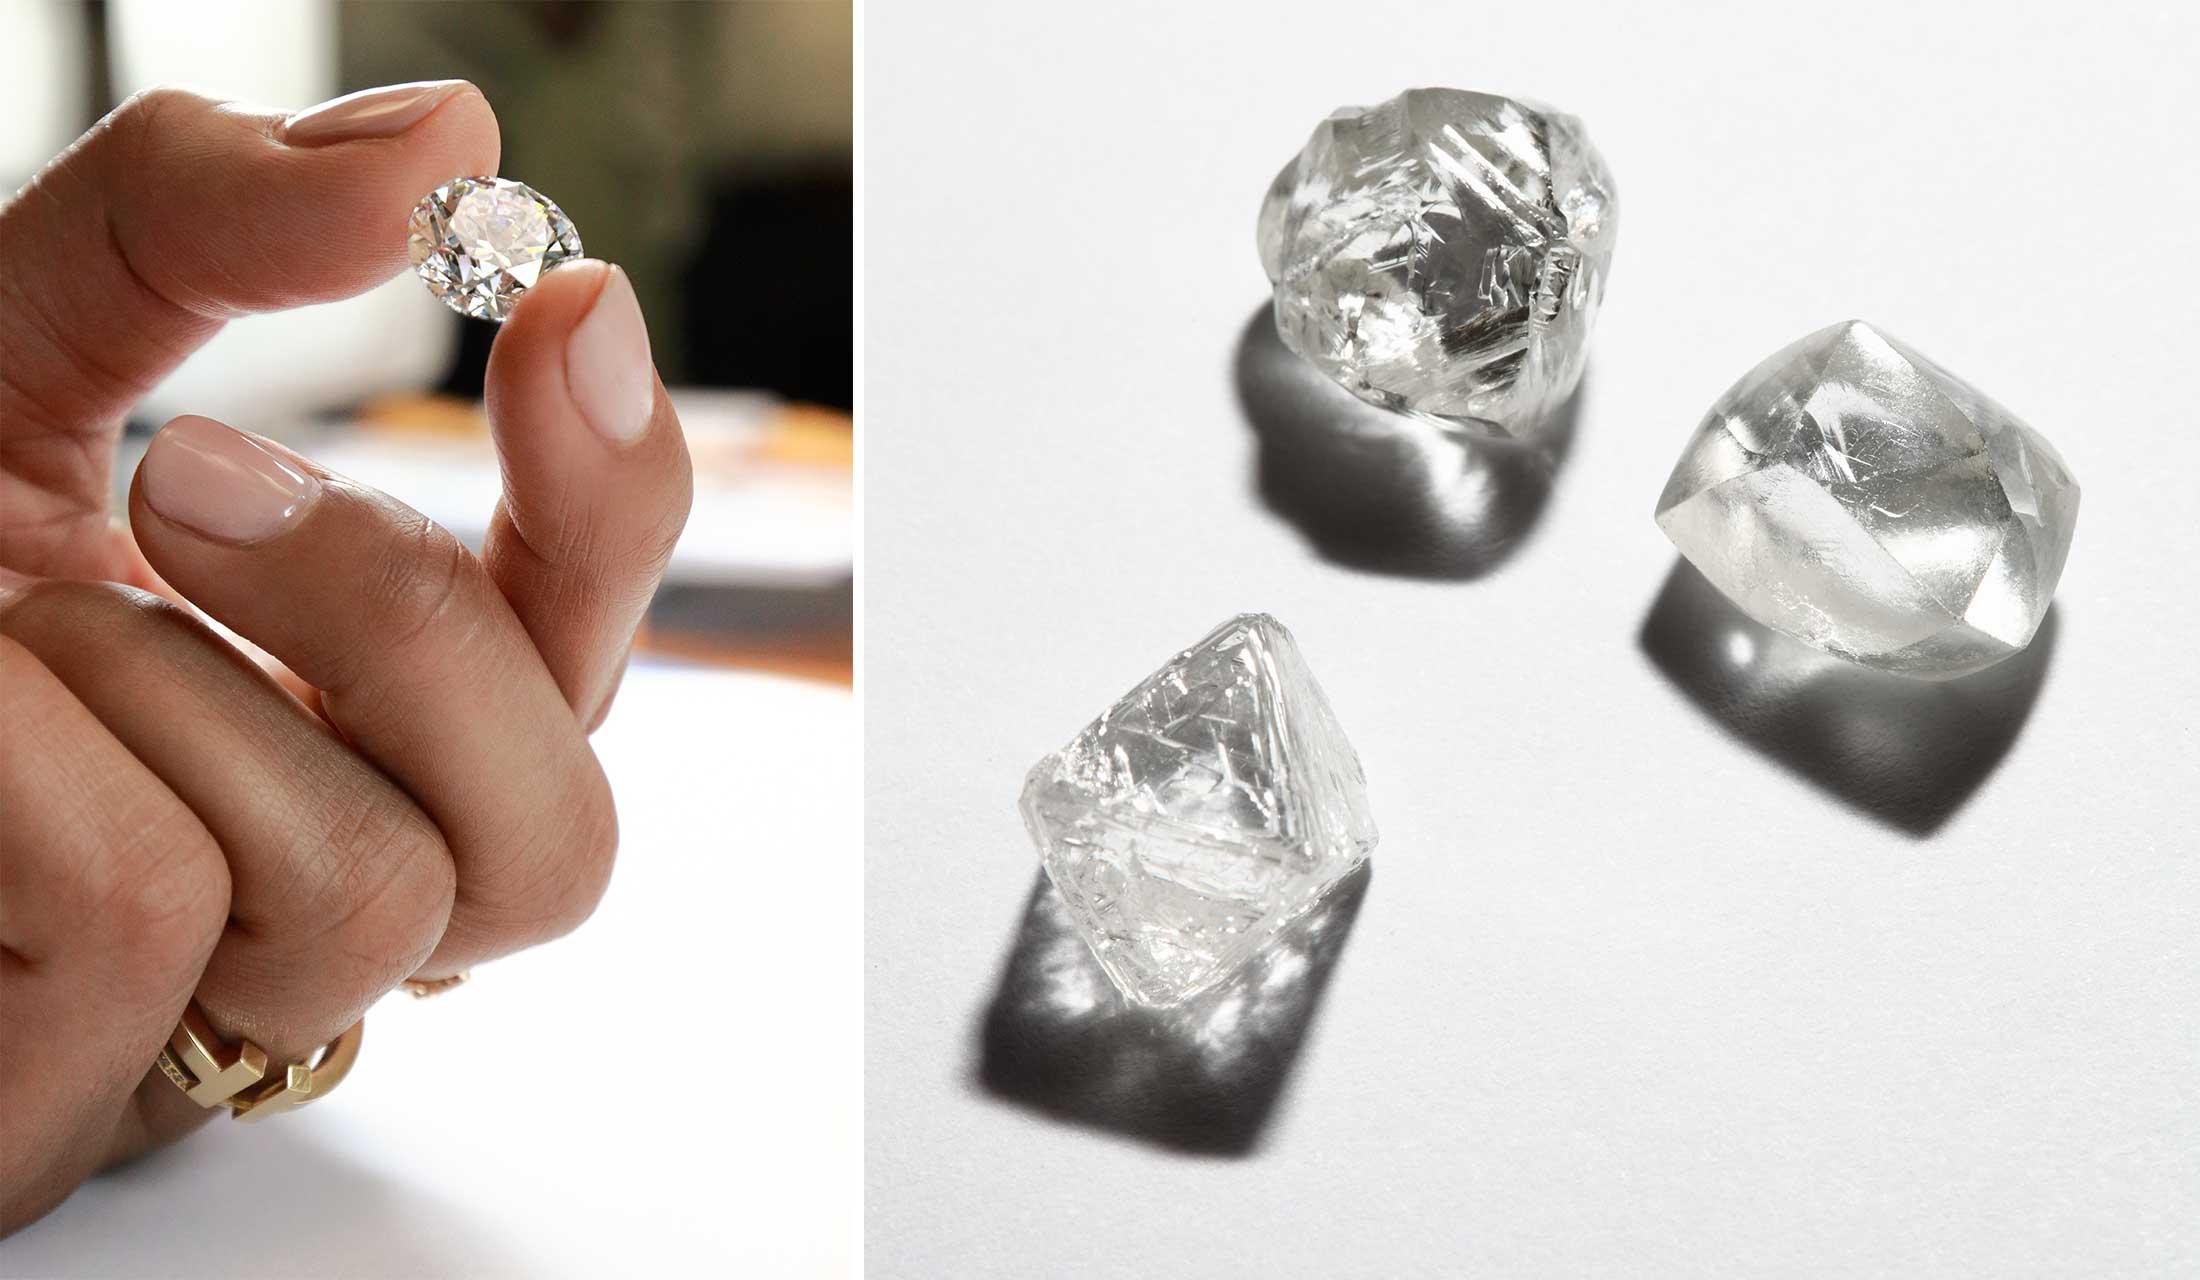 ティファニーのダイヤモンド原石を持つ手とダイヤモンド原石